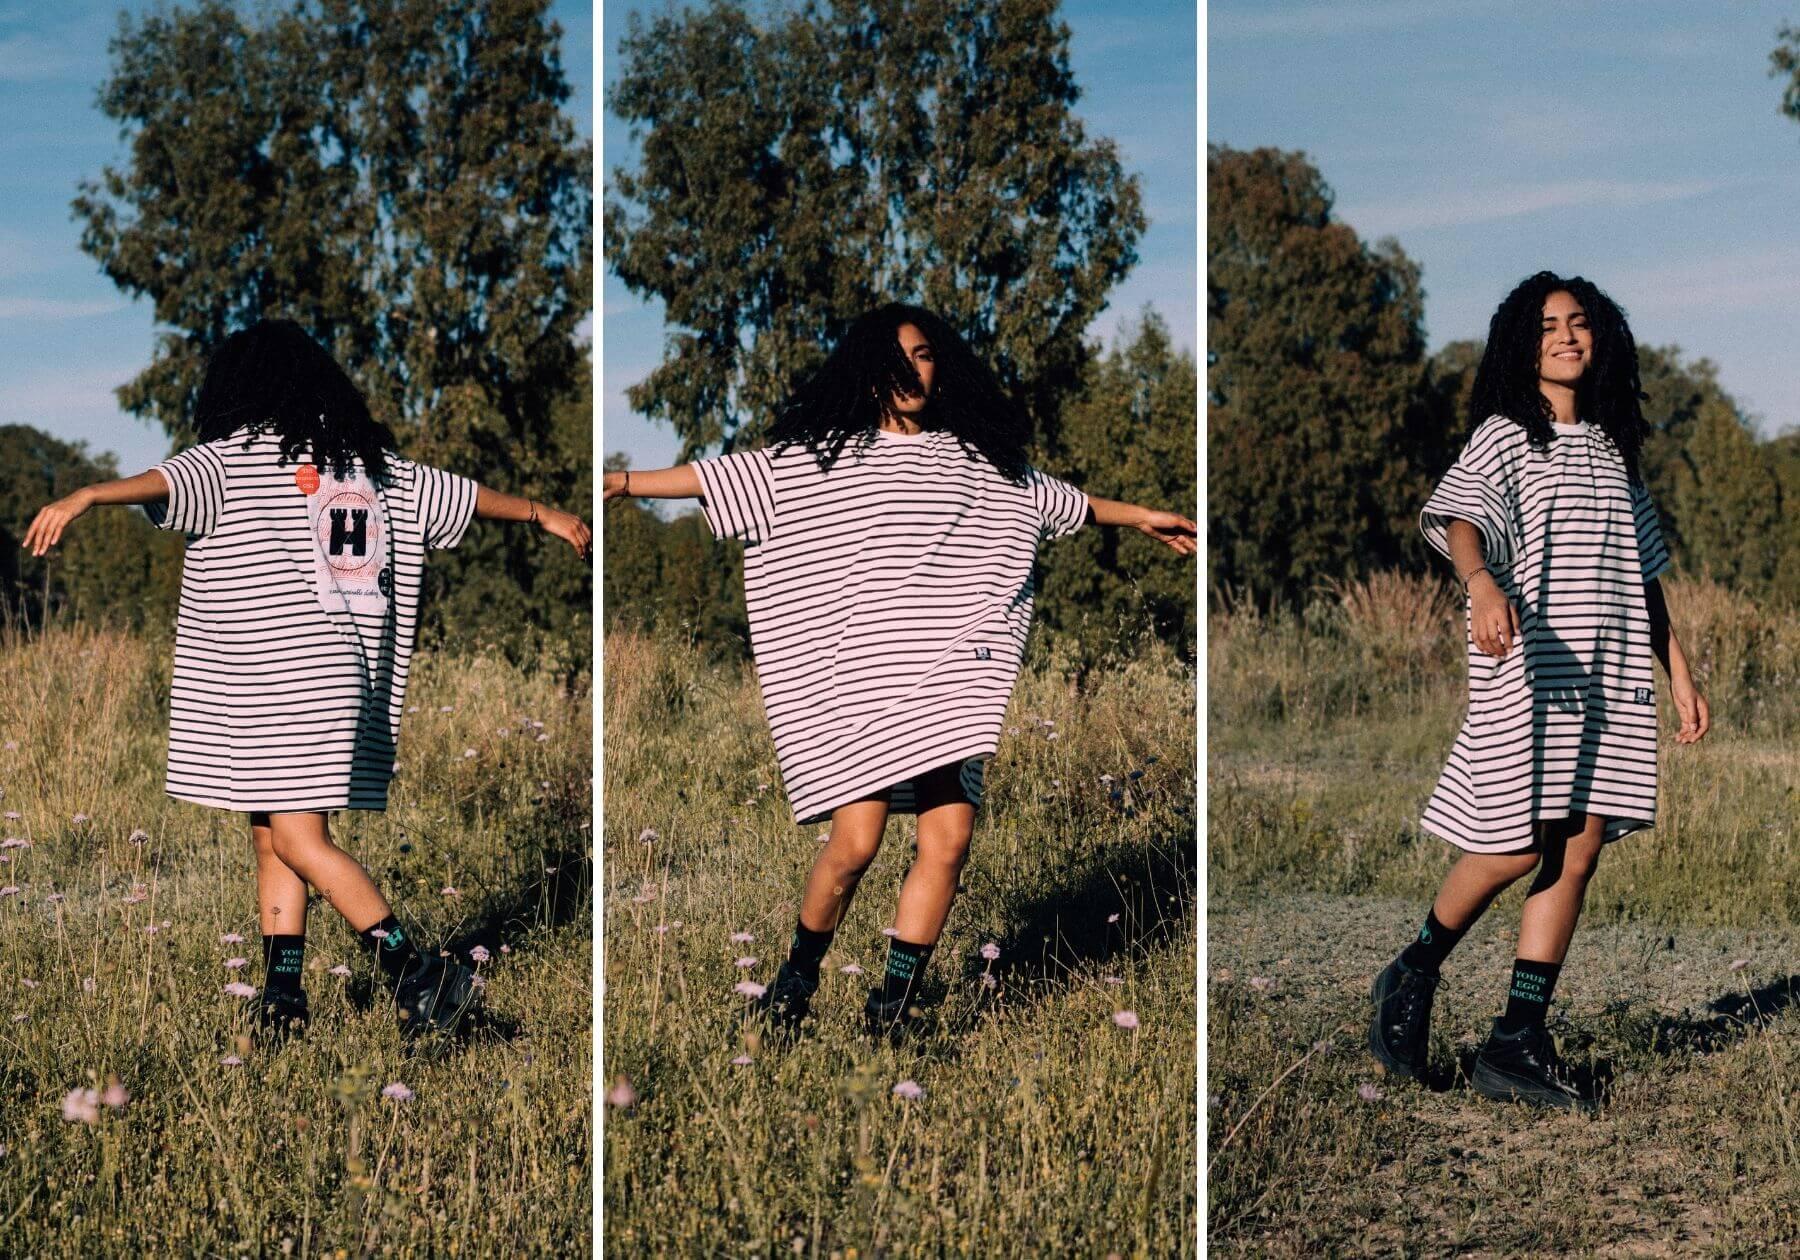 colección The Equinox de la marca de streetwear artesanal Hurthado de Málaga, España